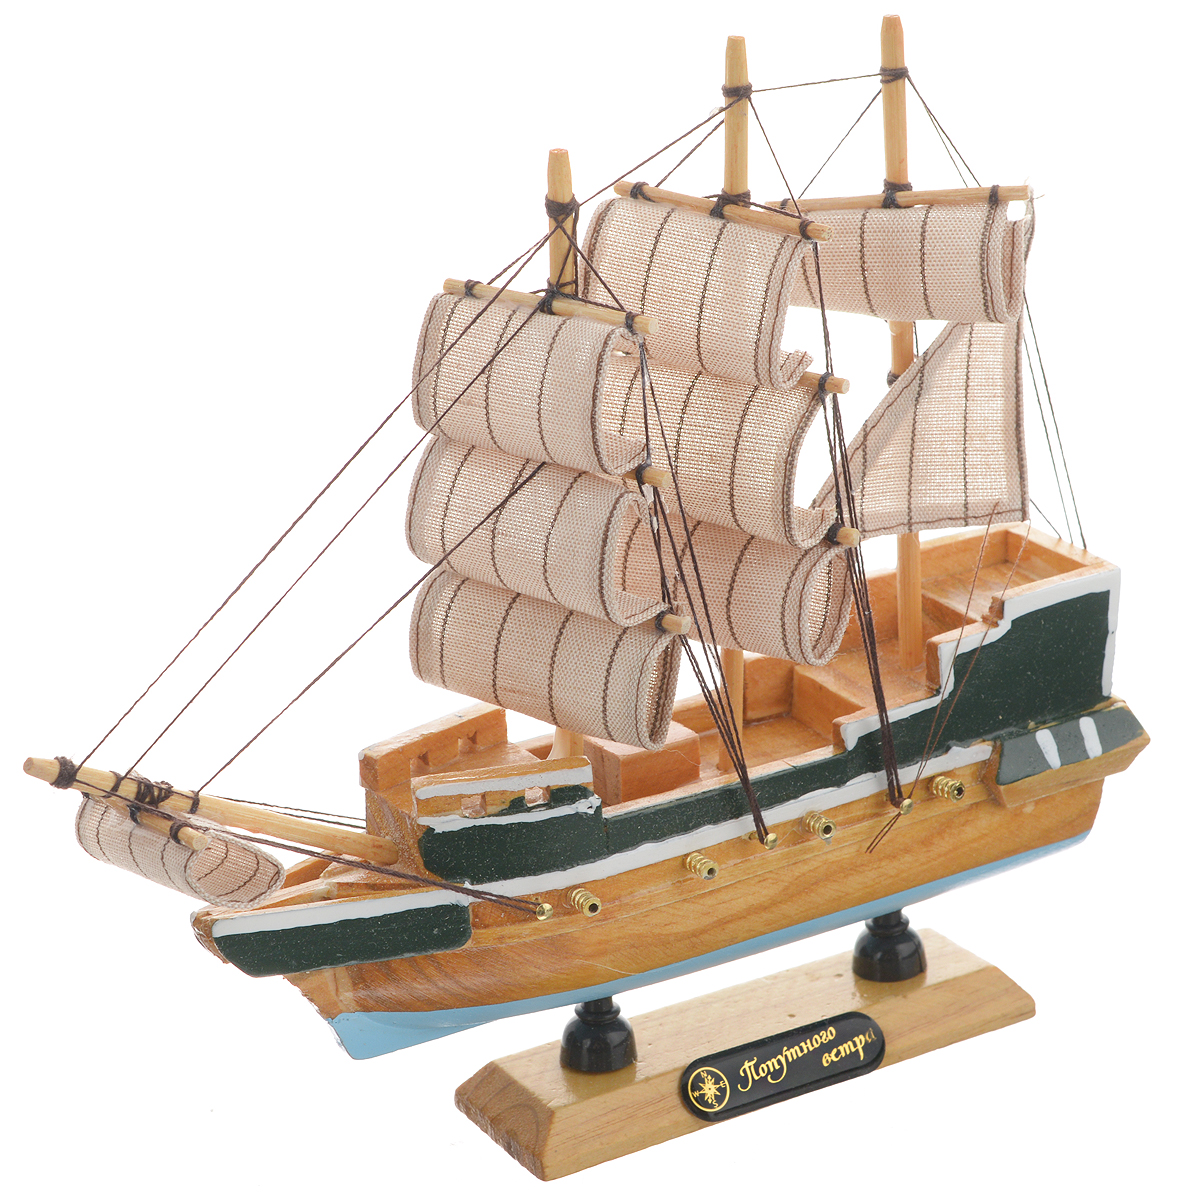 Корабль сувенирный Попутного ветра, длина 20 см. 33531698Сувенирный корабль Попутного ветра, изготовленный из дерева и текстиля, это великолепный элемент декора рабочей зоны в офисе или кабинете. Корабль с парусами и якорями помещен на деревянную подставку. Время идет, и мы становимся свидетелями развития технического прогресса, новых учений и практик. Но одно не подвластно времени - это любовь человека к морю и кораблям. Сувенирный корабль наполнен историей и силой океанских вод. Данная модель кораблика станет отличным подарком для всех любителей морей, поклонников историй о покорении океанов и неизведанных земель. Модель корабля - подарок со смыслом. Издавна на Руси считалось, что корабли приносят удачу и везение. Поэтому их изображения, фигурки и точные копии всегда присутствовали в помещениях. Удивите себя и своих близких необычным презентом.